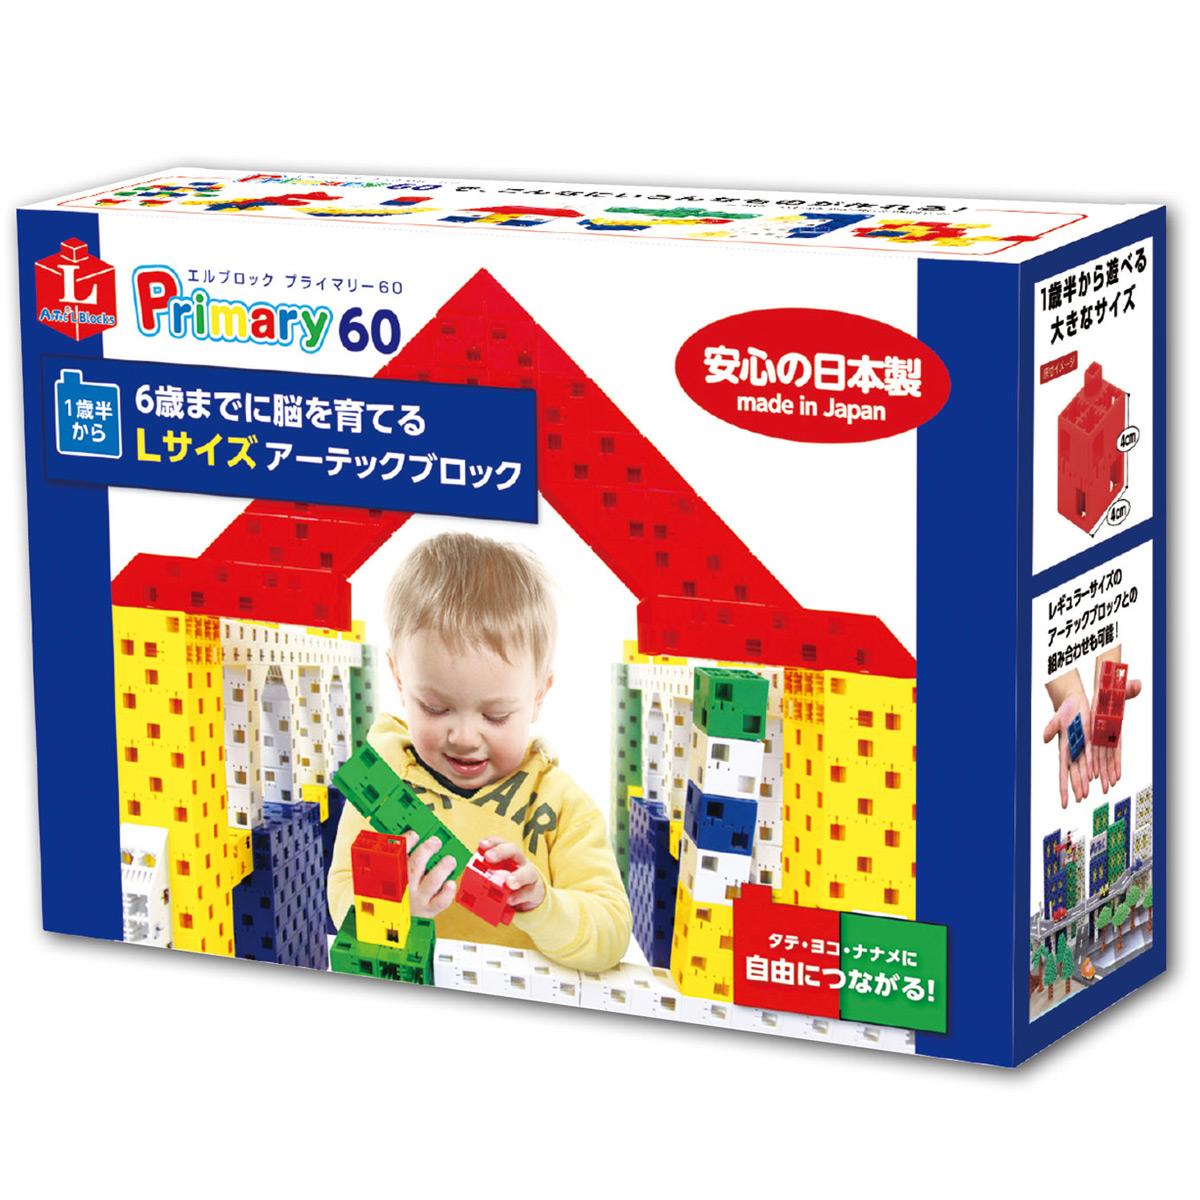 アーテックブロック ブロック おもちゃ L ブロック プライマリー 60ピース 日本製 ゲーム 玩具 レゴ・レゴブロックのように自由に遊べます